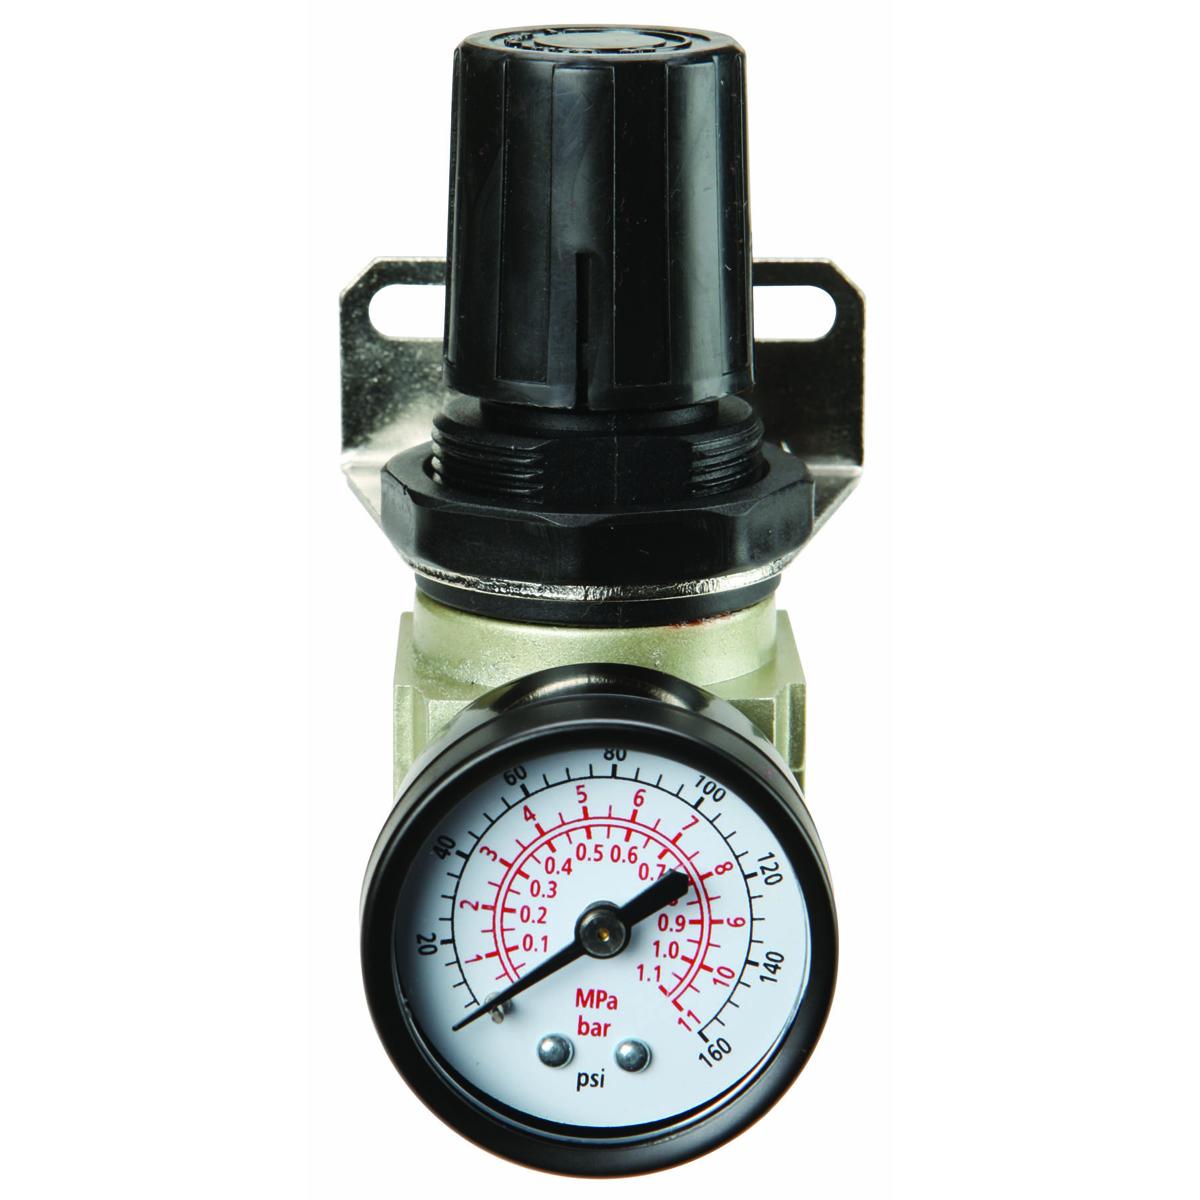 1 4 In Mini Air Regulator With Dial Gauge